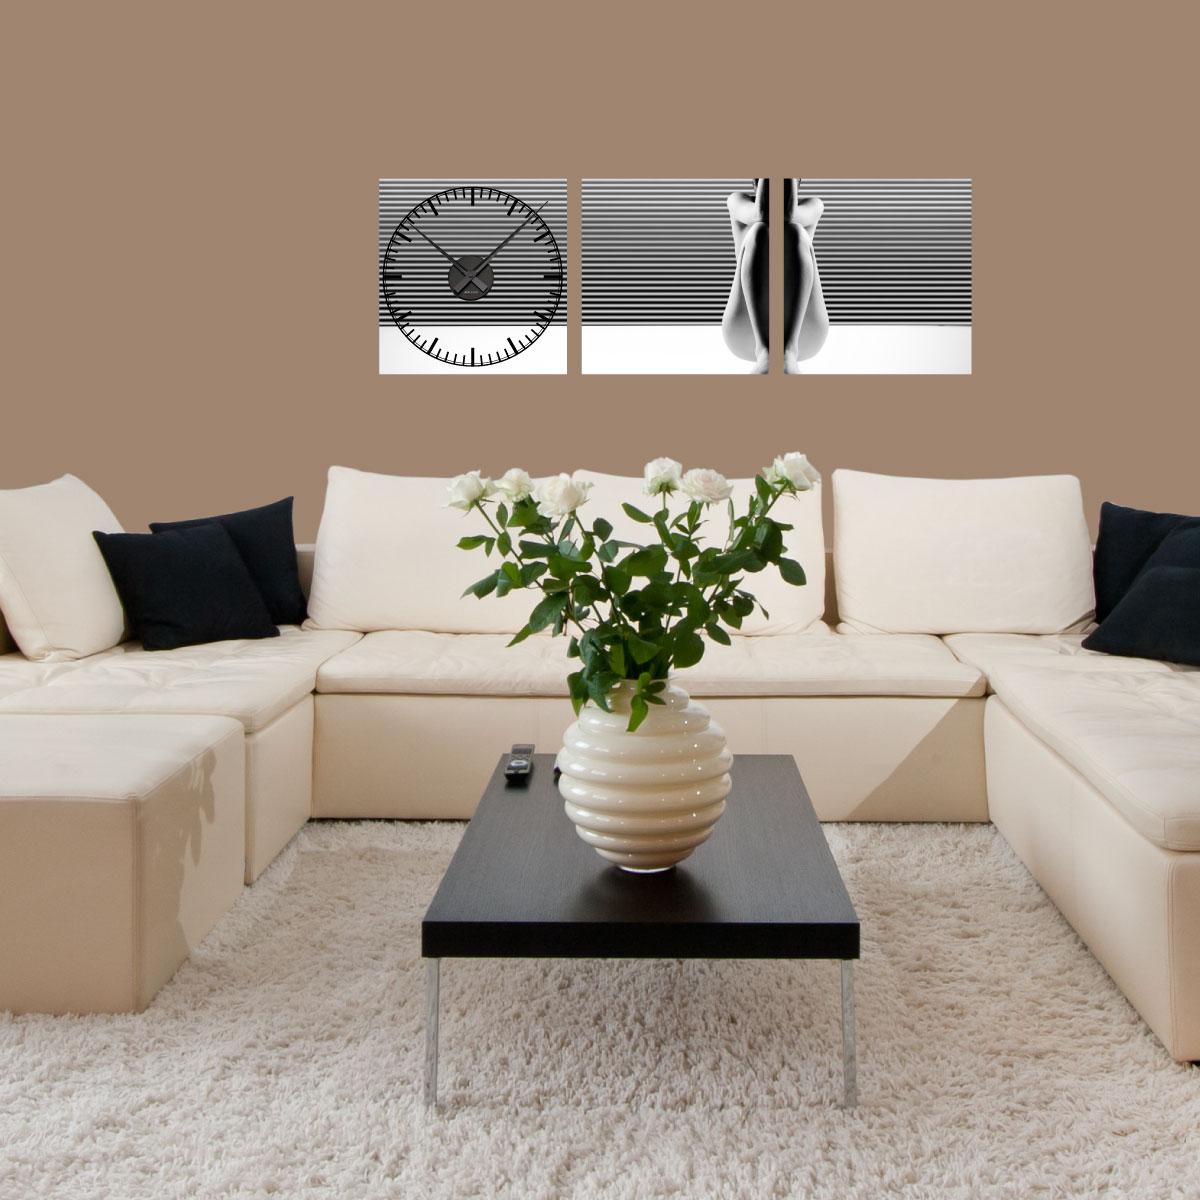 Sticker horloge sensual design art et design artistiques - Horloge murale design italien ...